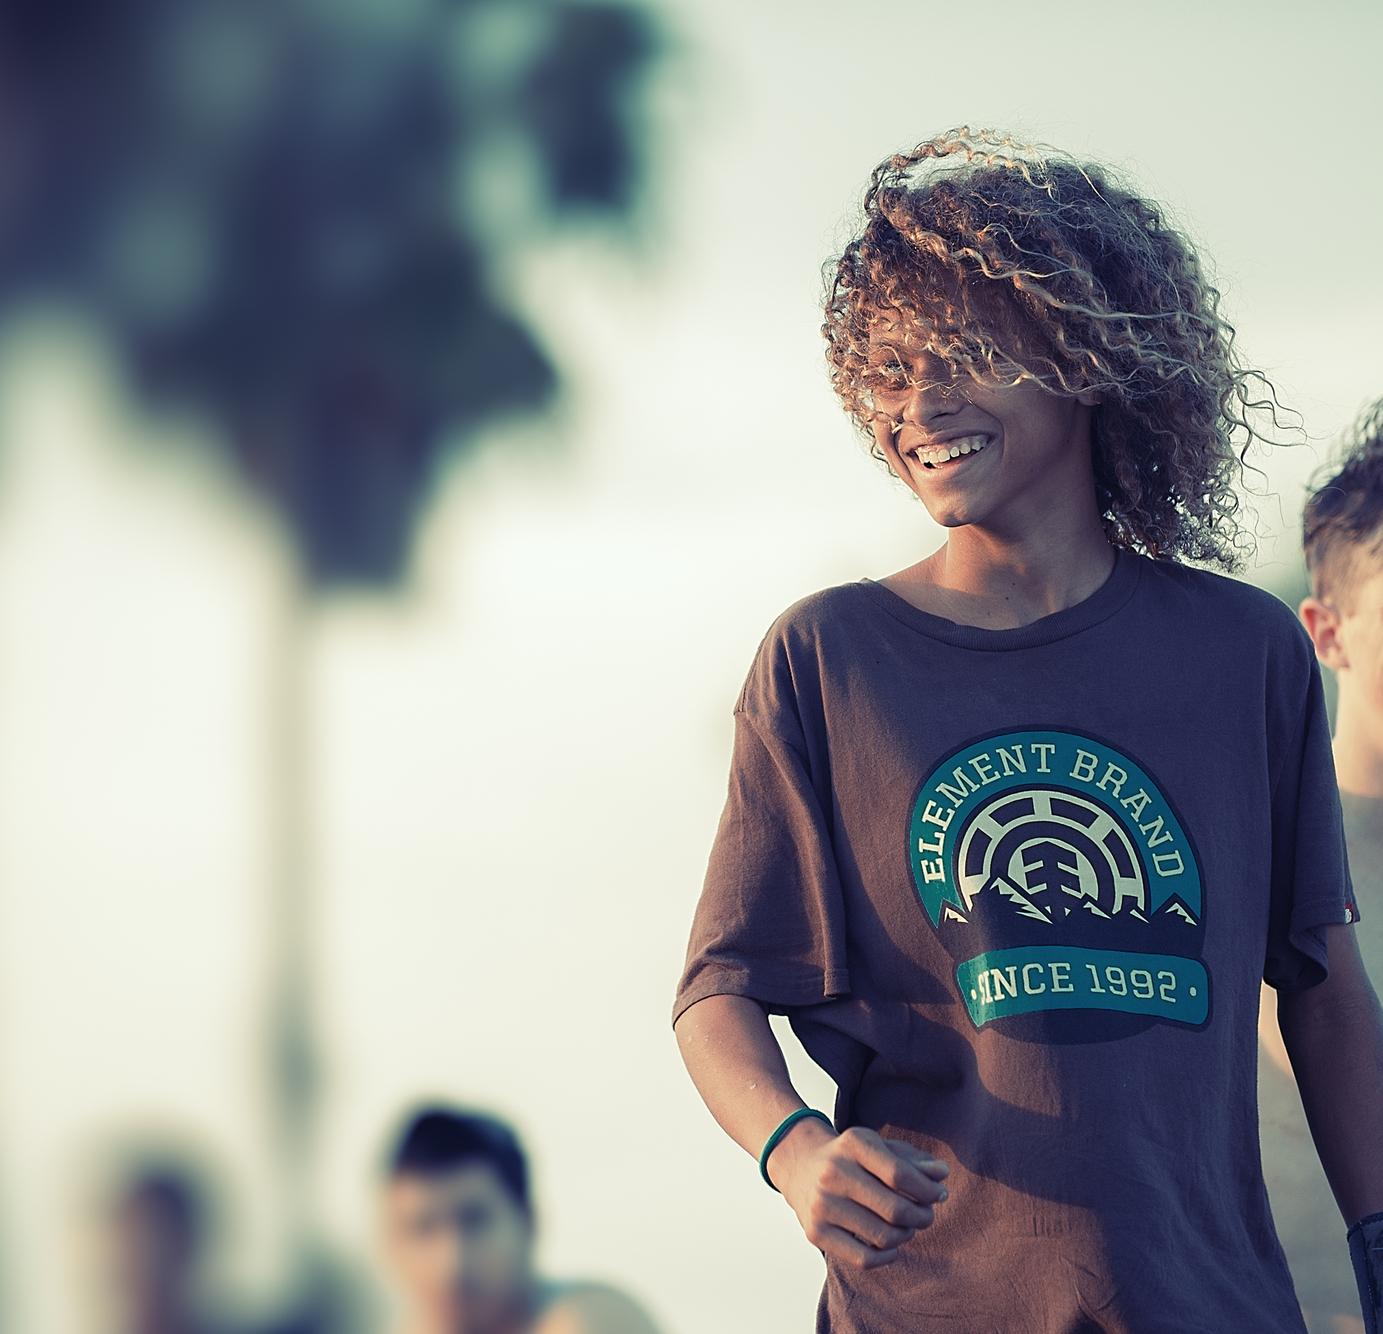 20150927_Surfing_Skateboarding_LA_1043-Edit-2 copy.jpg